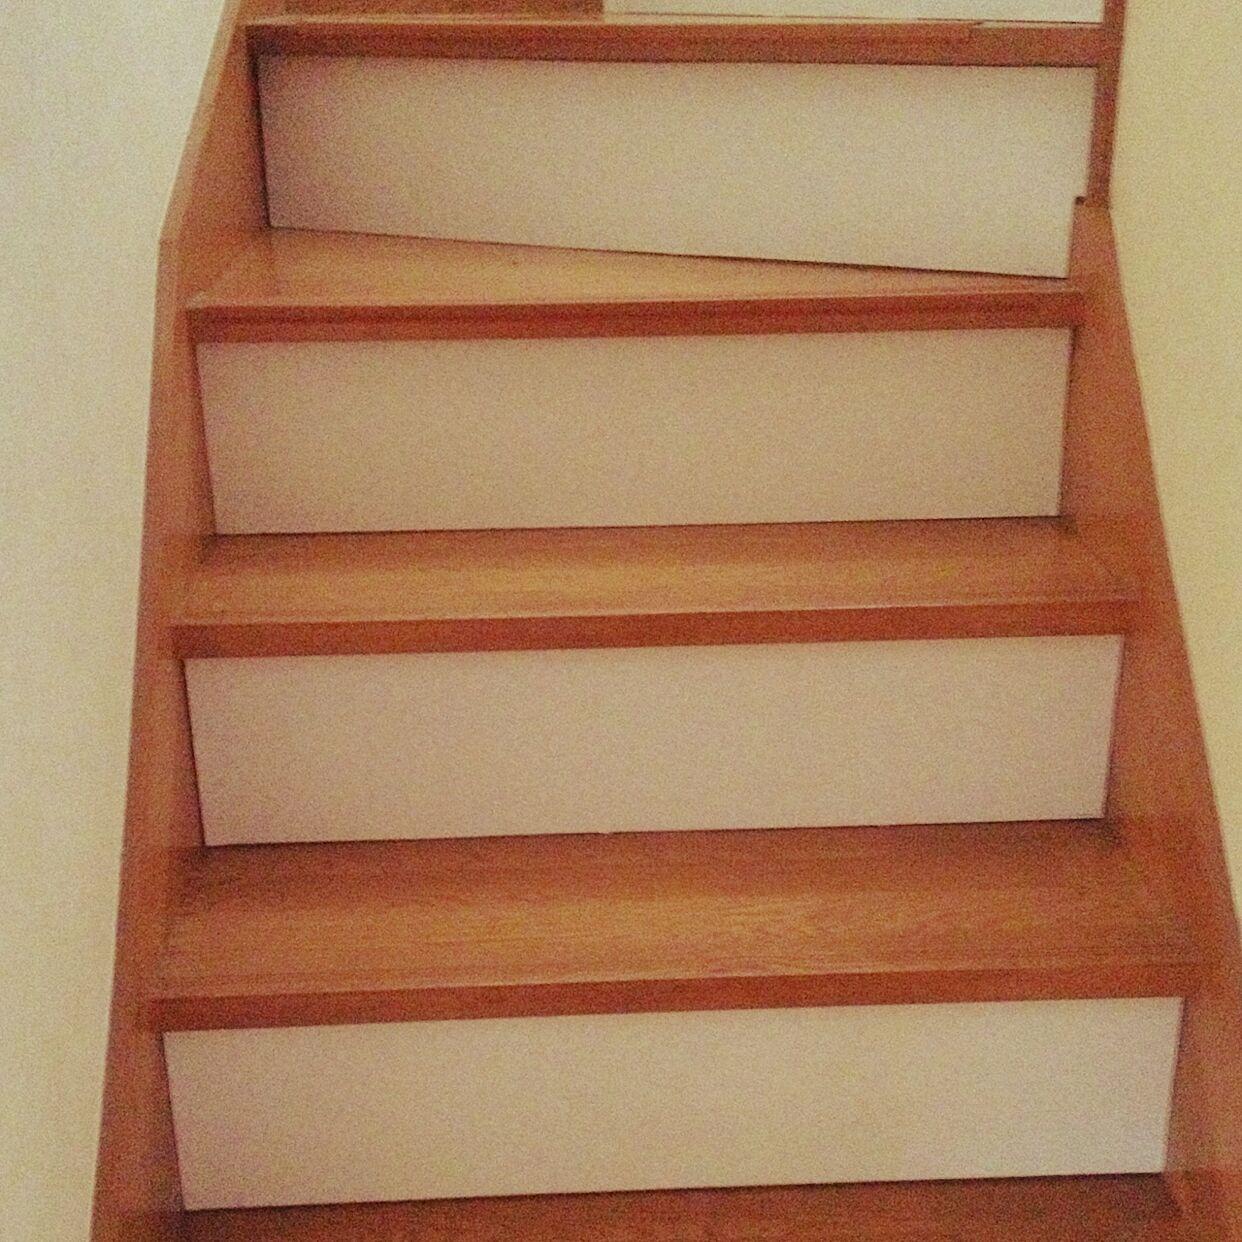 こちらは、ベニヤ板を貼って階段をリメイクしています。元々の階段の色とツートンカラーカラーでオシャレになっただけでなく、明るさもアップしています。